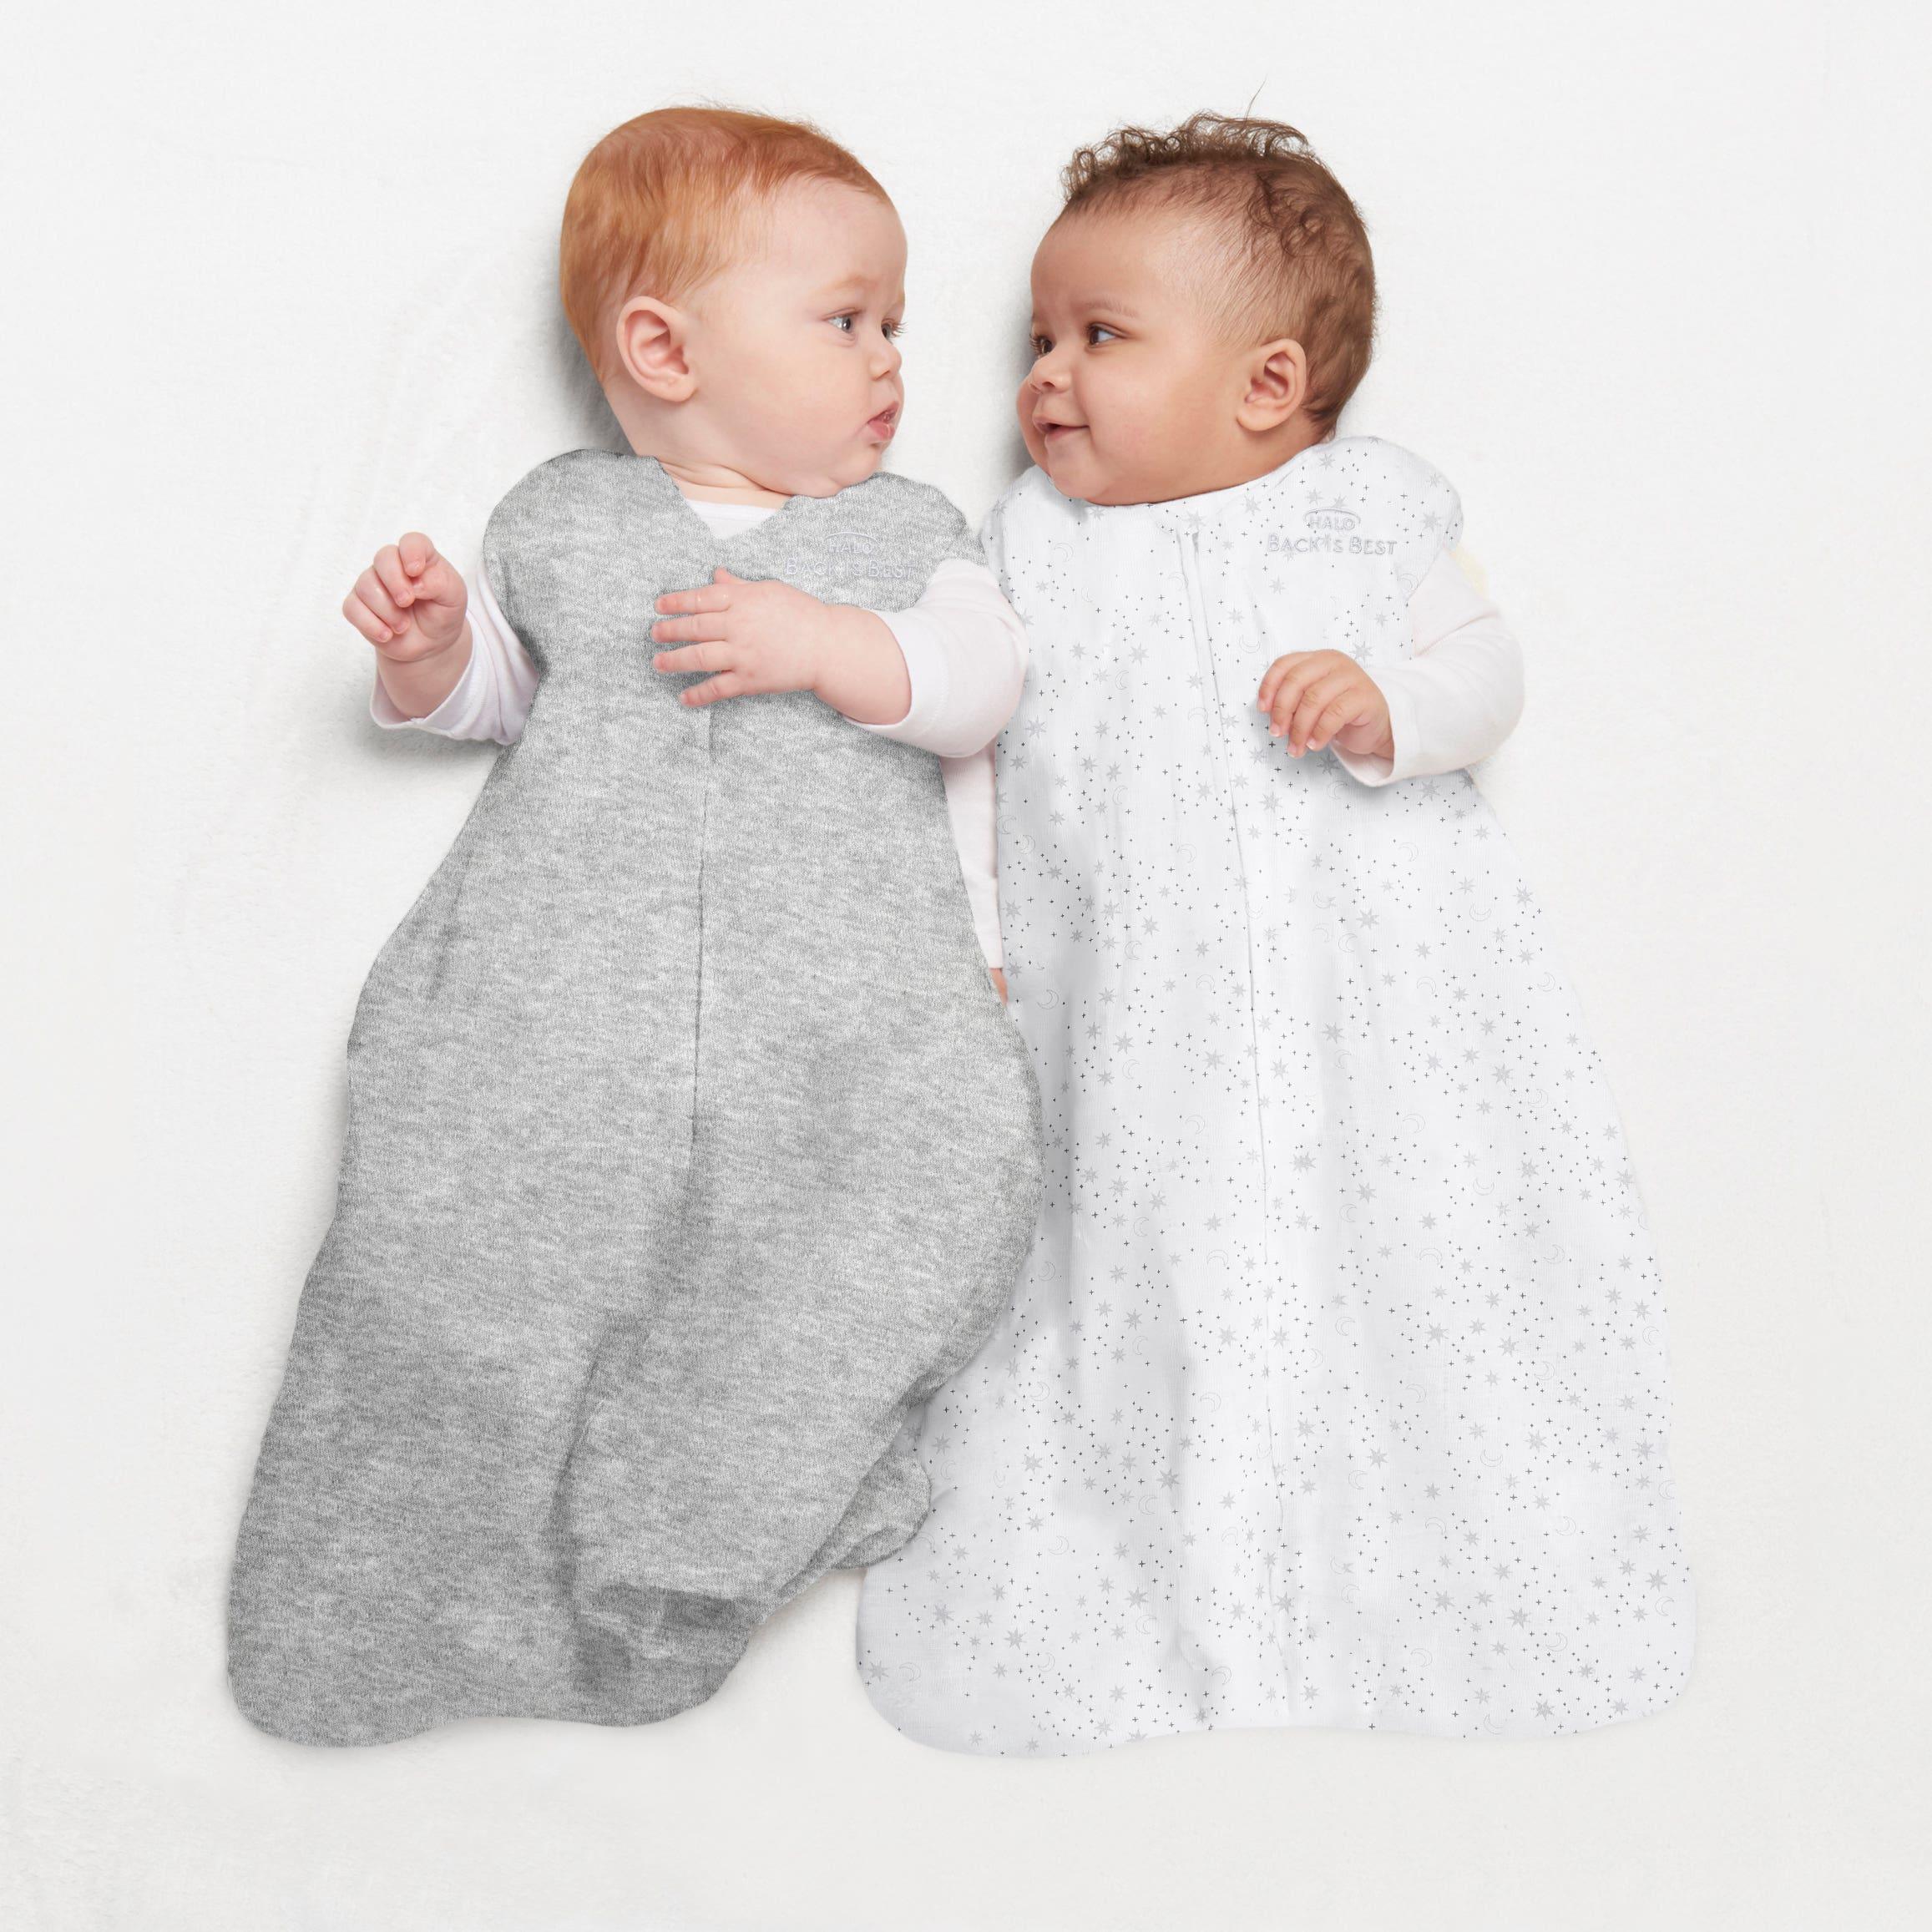 babies in halo sleepsacks